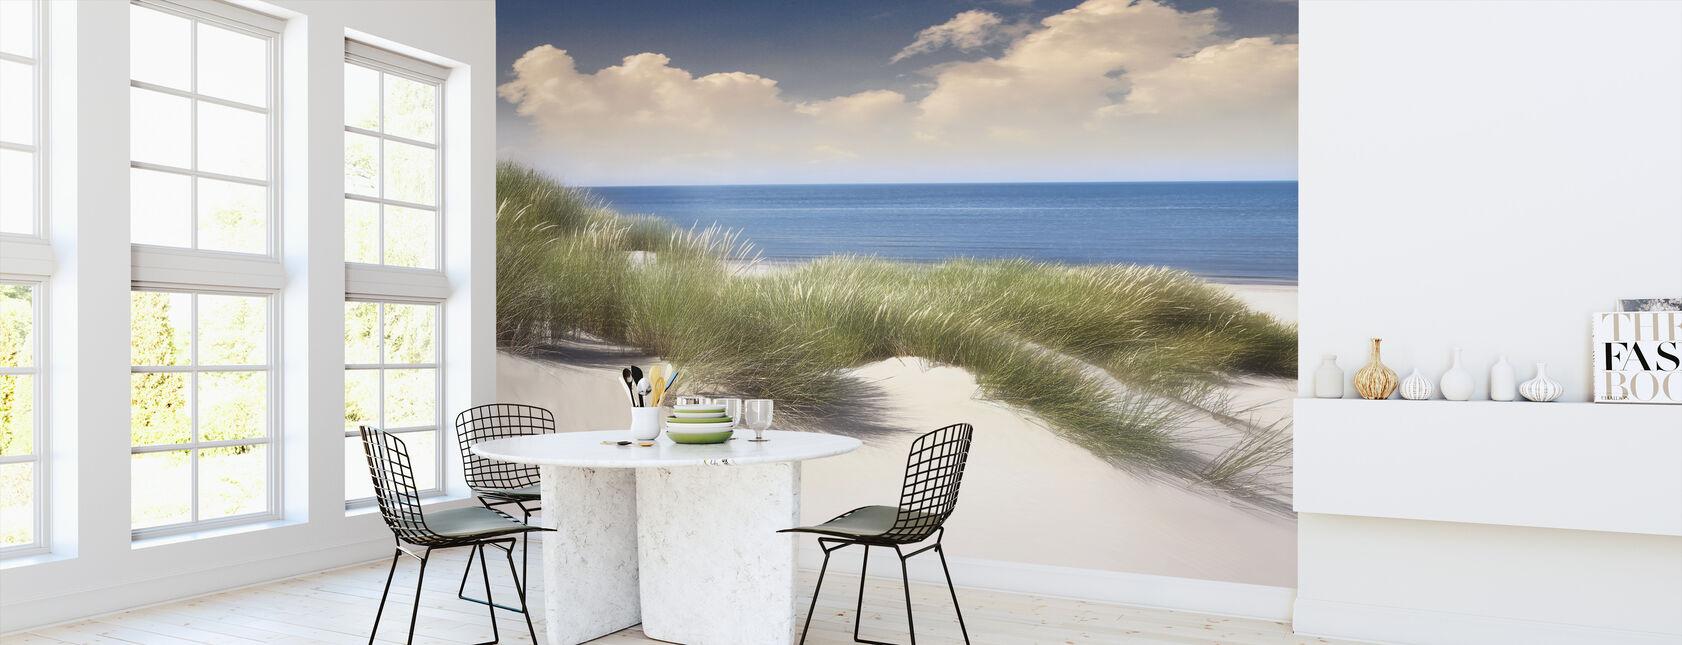 Grassy Sand Dunes - Wallpaper - Kitchen